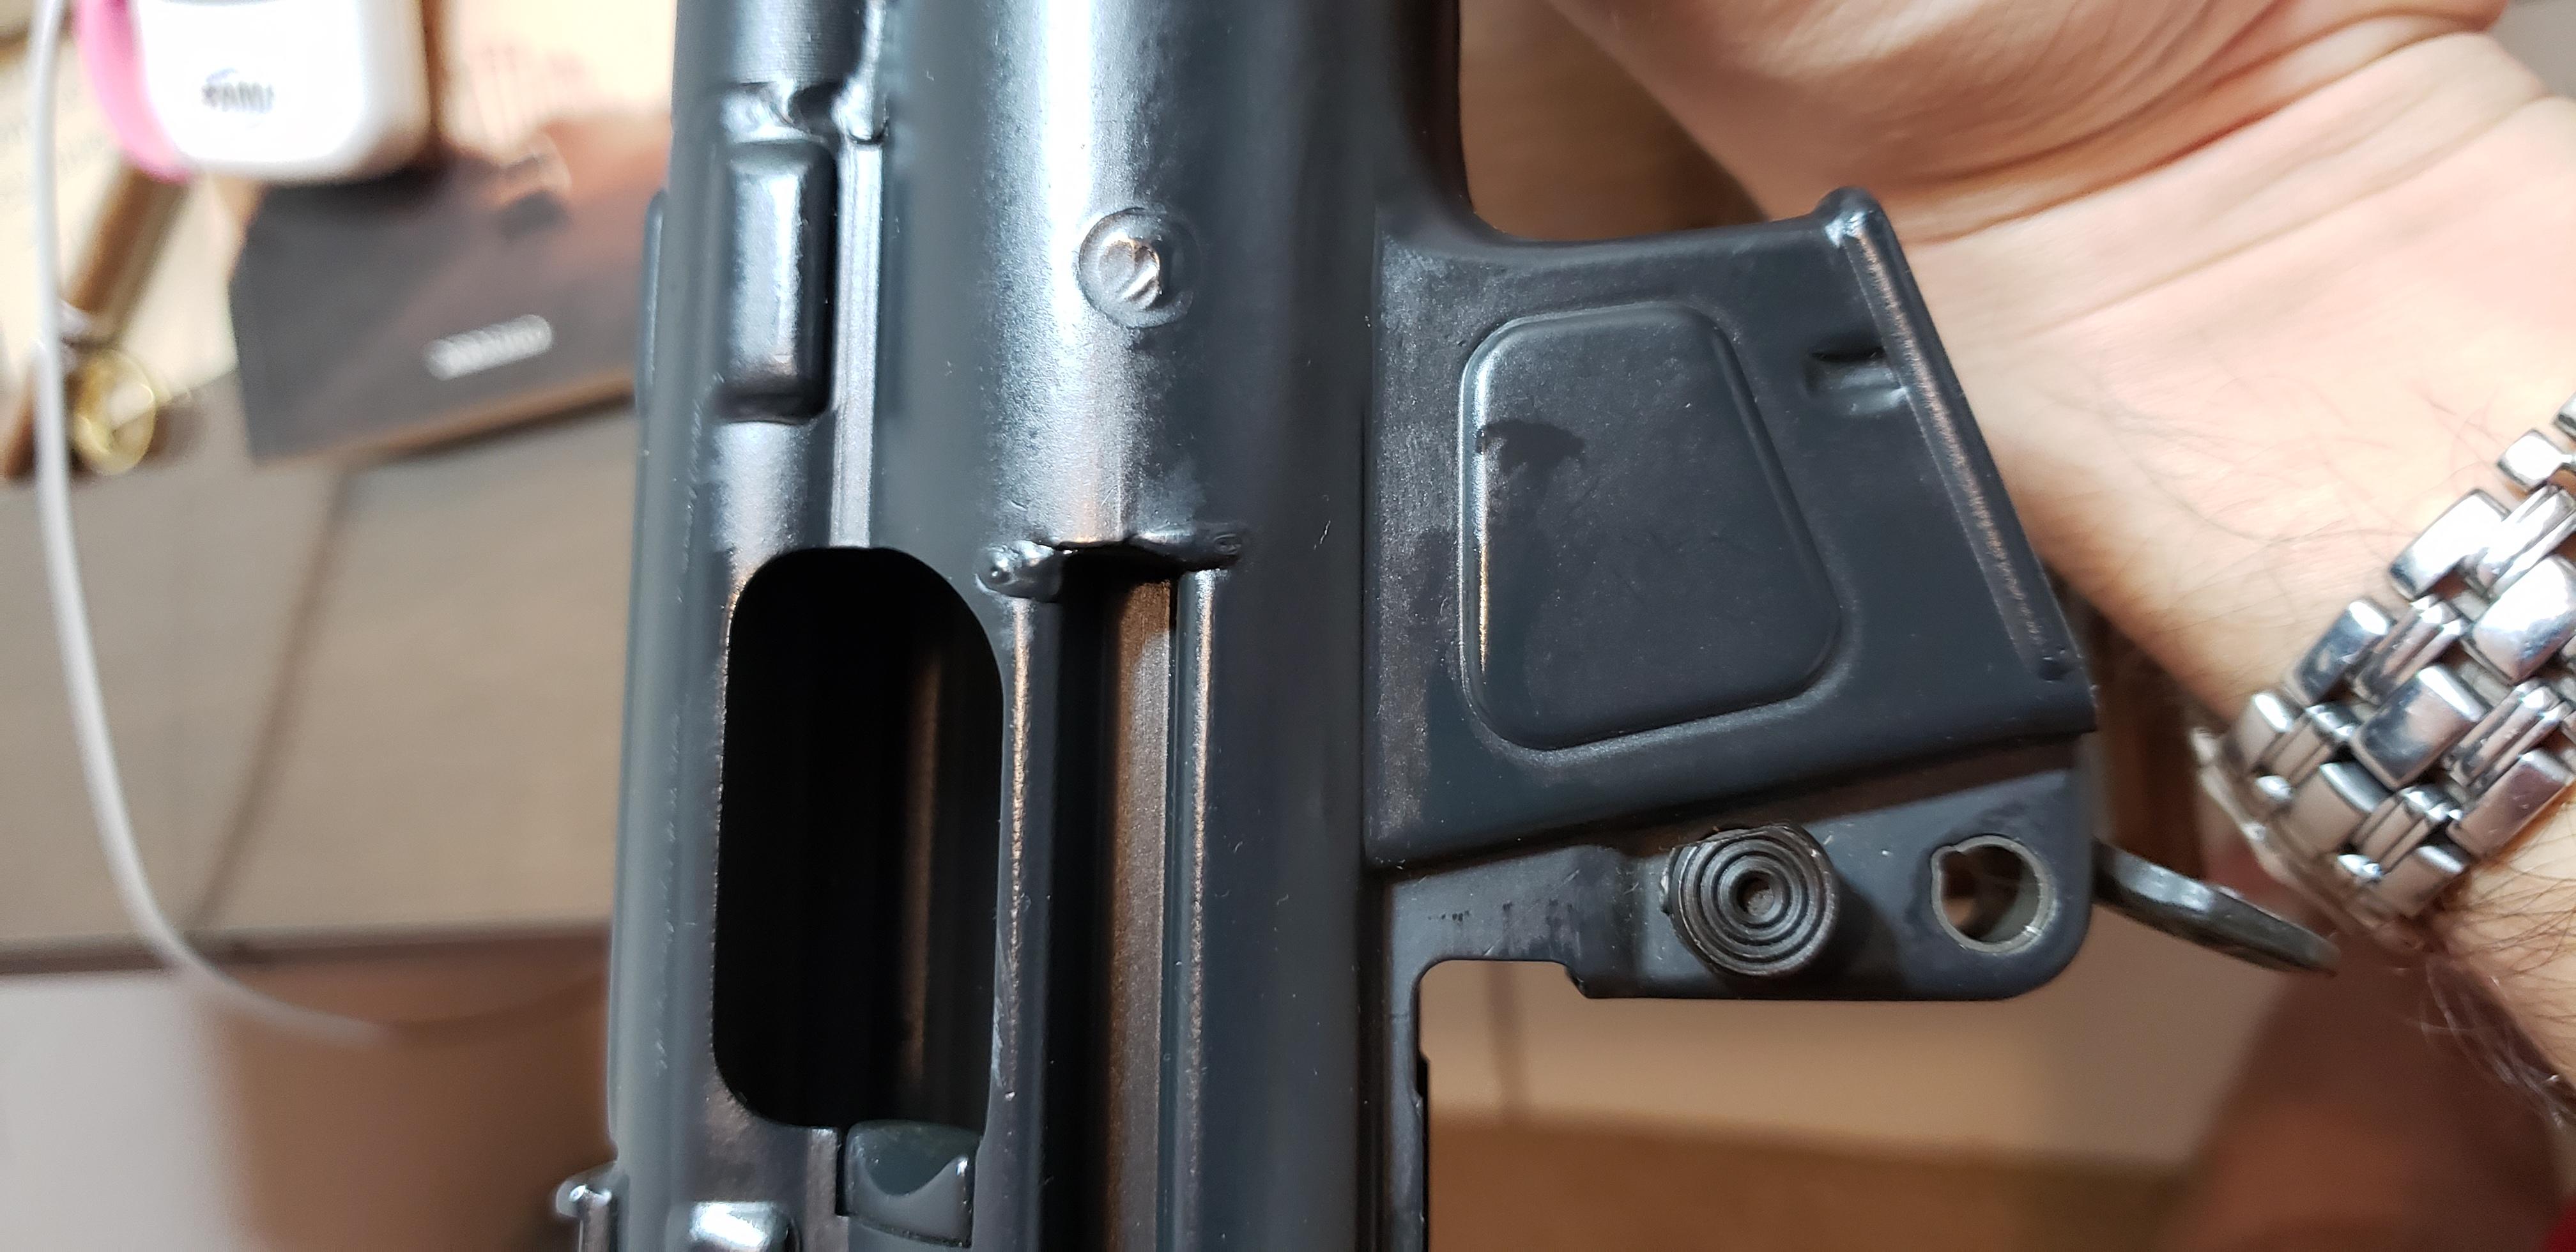 MP5K-2019-07-14-20.18.41.jpg